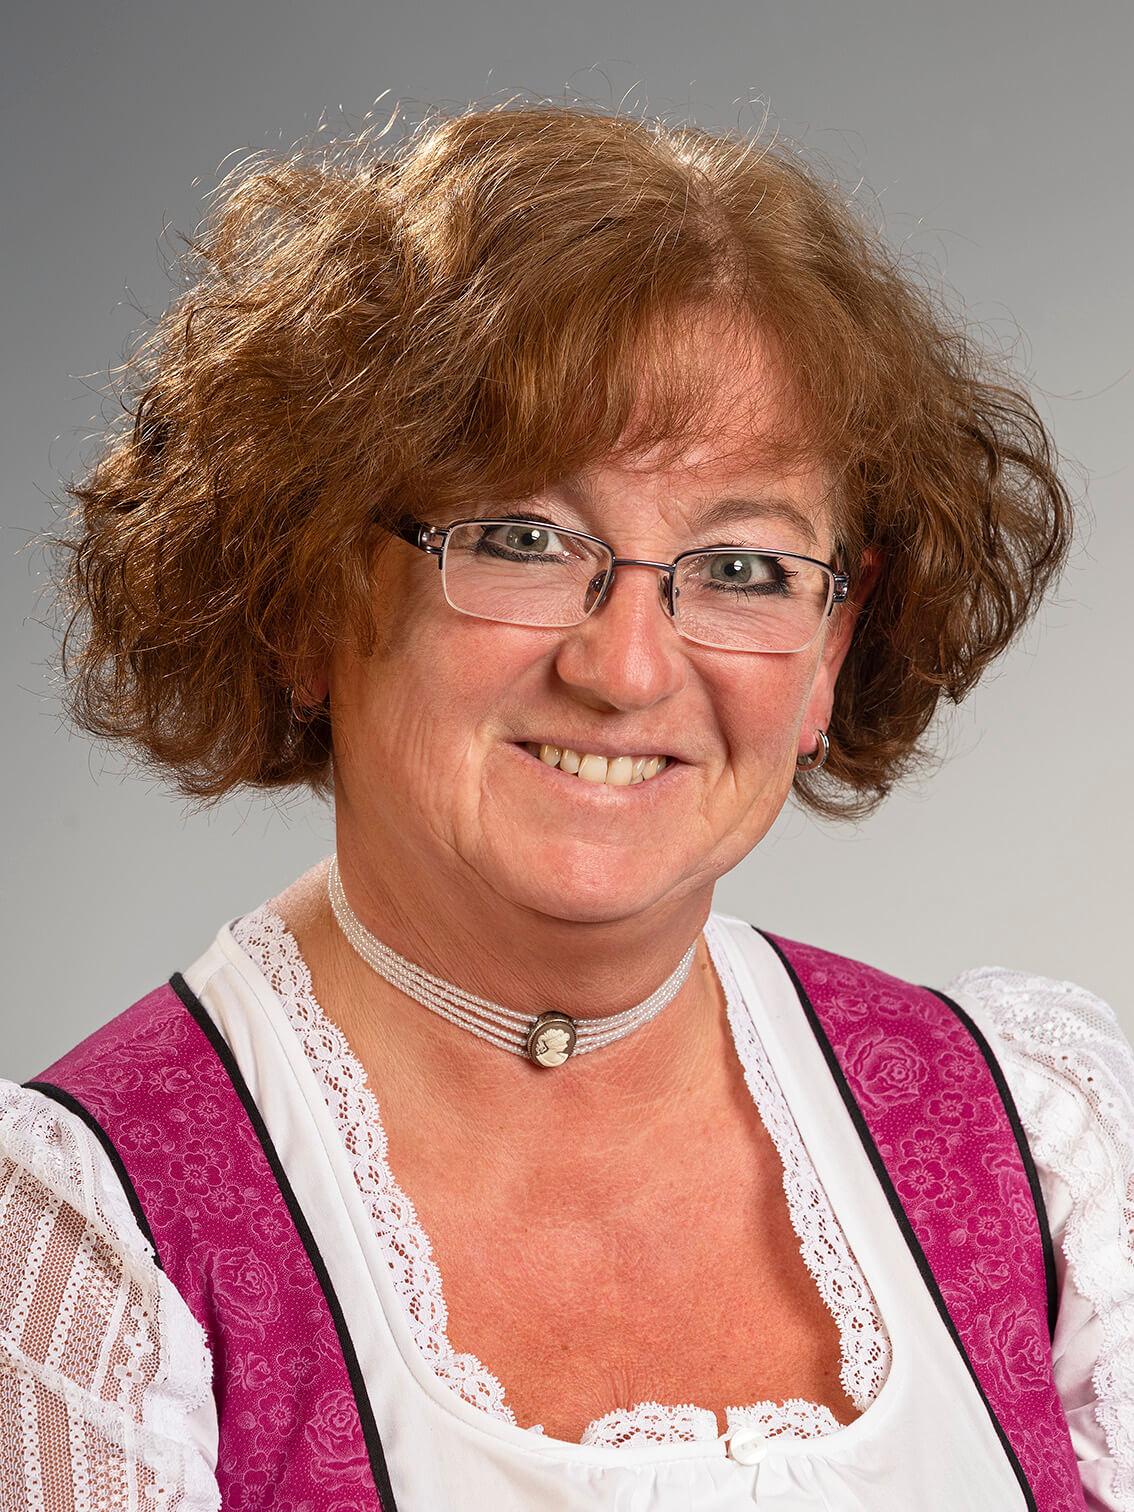 Silvia Riepertinger